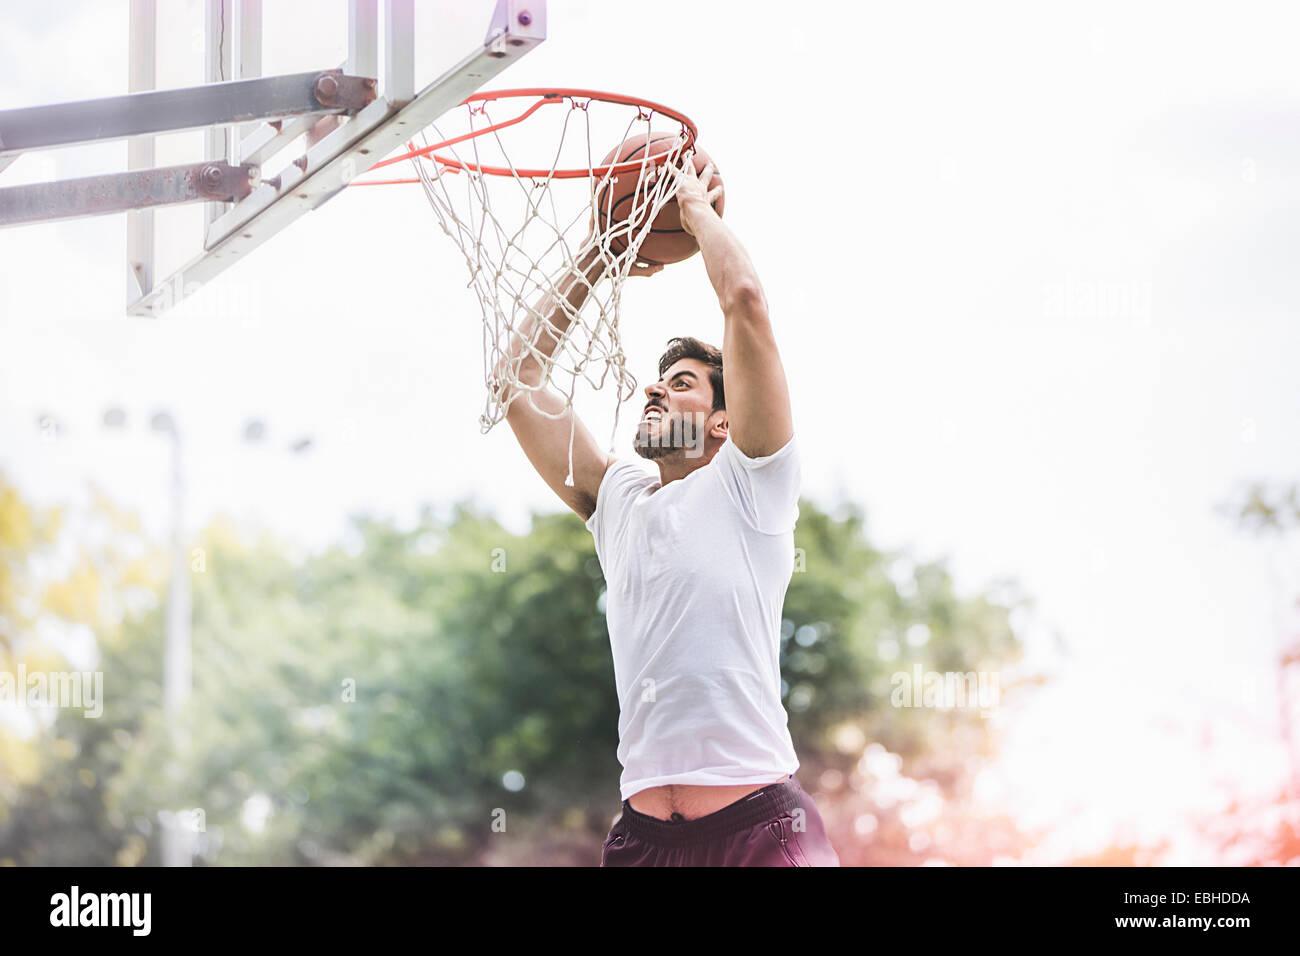 Joven jugador de baloncesto masculino saltando con balón para anotar Imagen De Stock